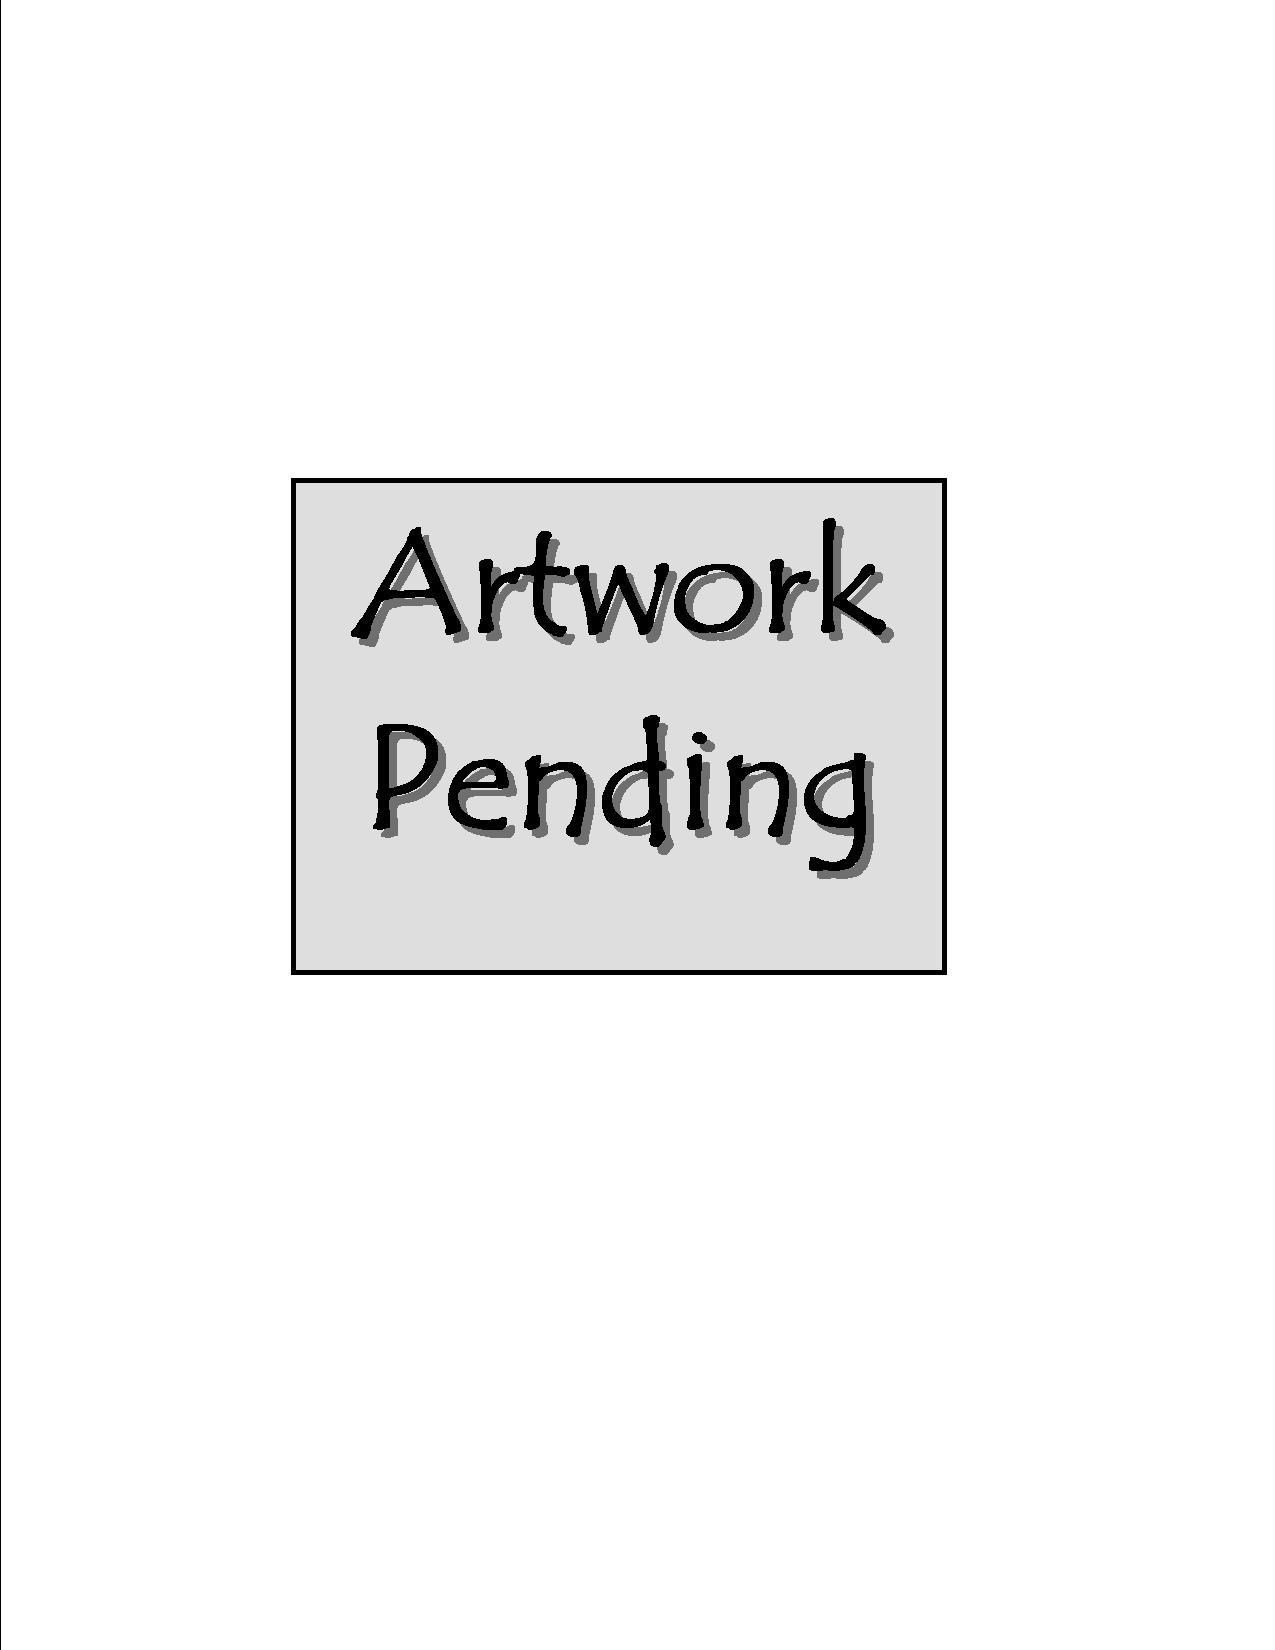 Artwork Pending